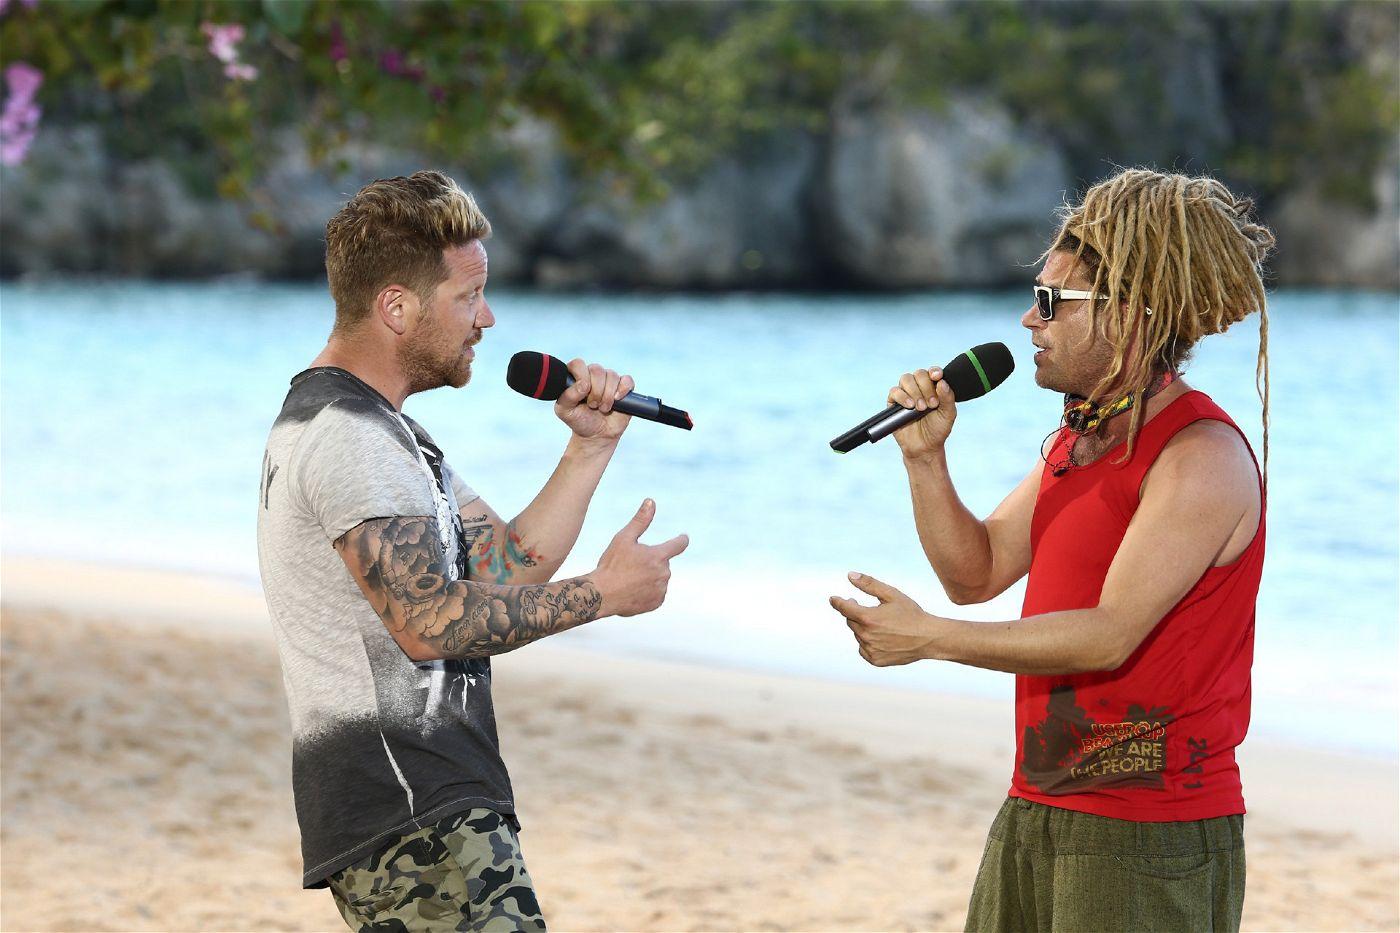 Benjamin Ondera und Thomas Katrozan treten nach Streitigkeiten bei der letzten gemeinsamen Performance erneut zusammen auf.